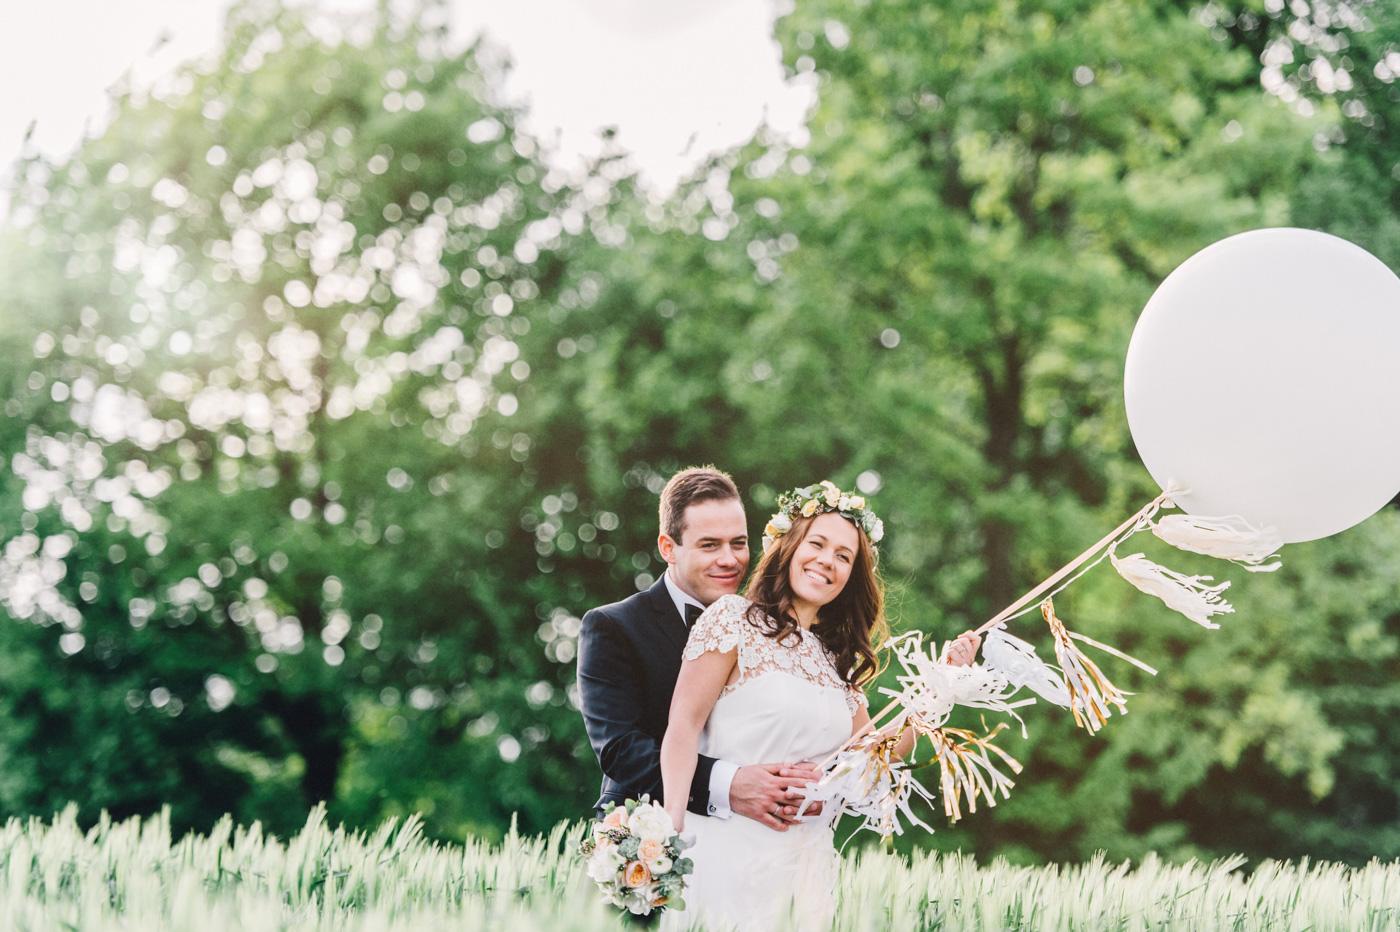 diy-wedding-nothenhof--123